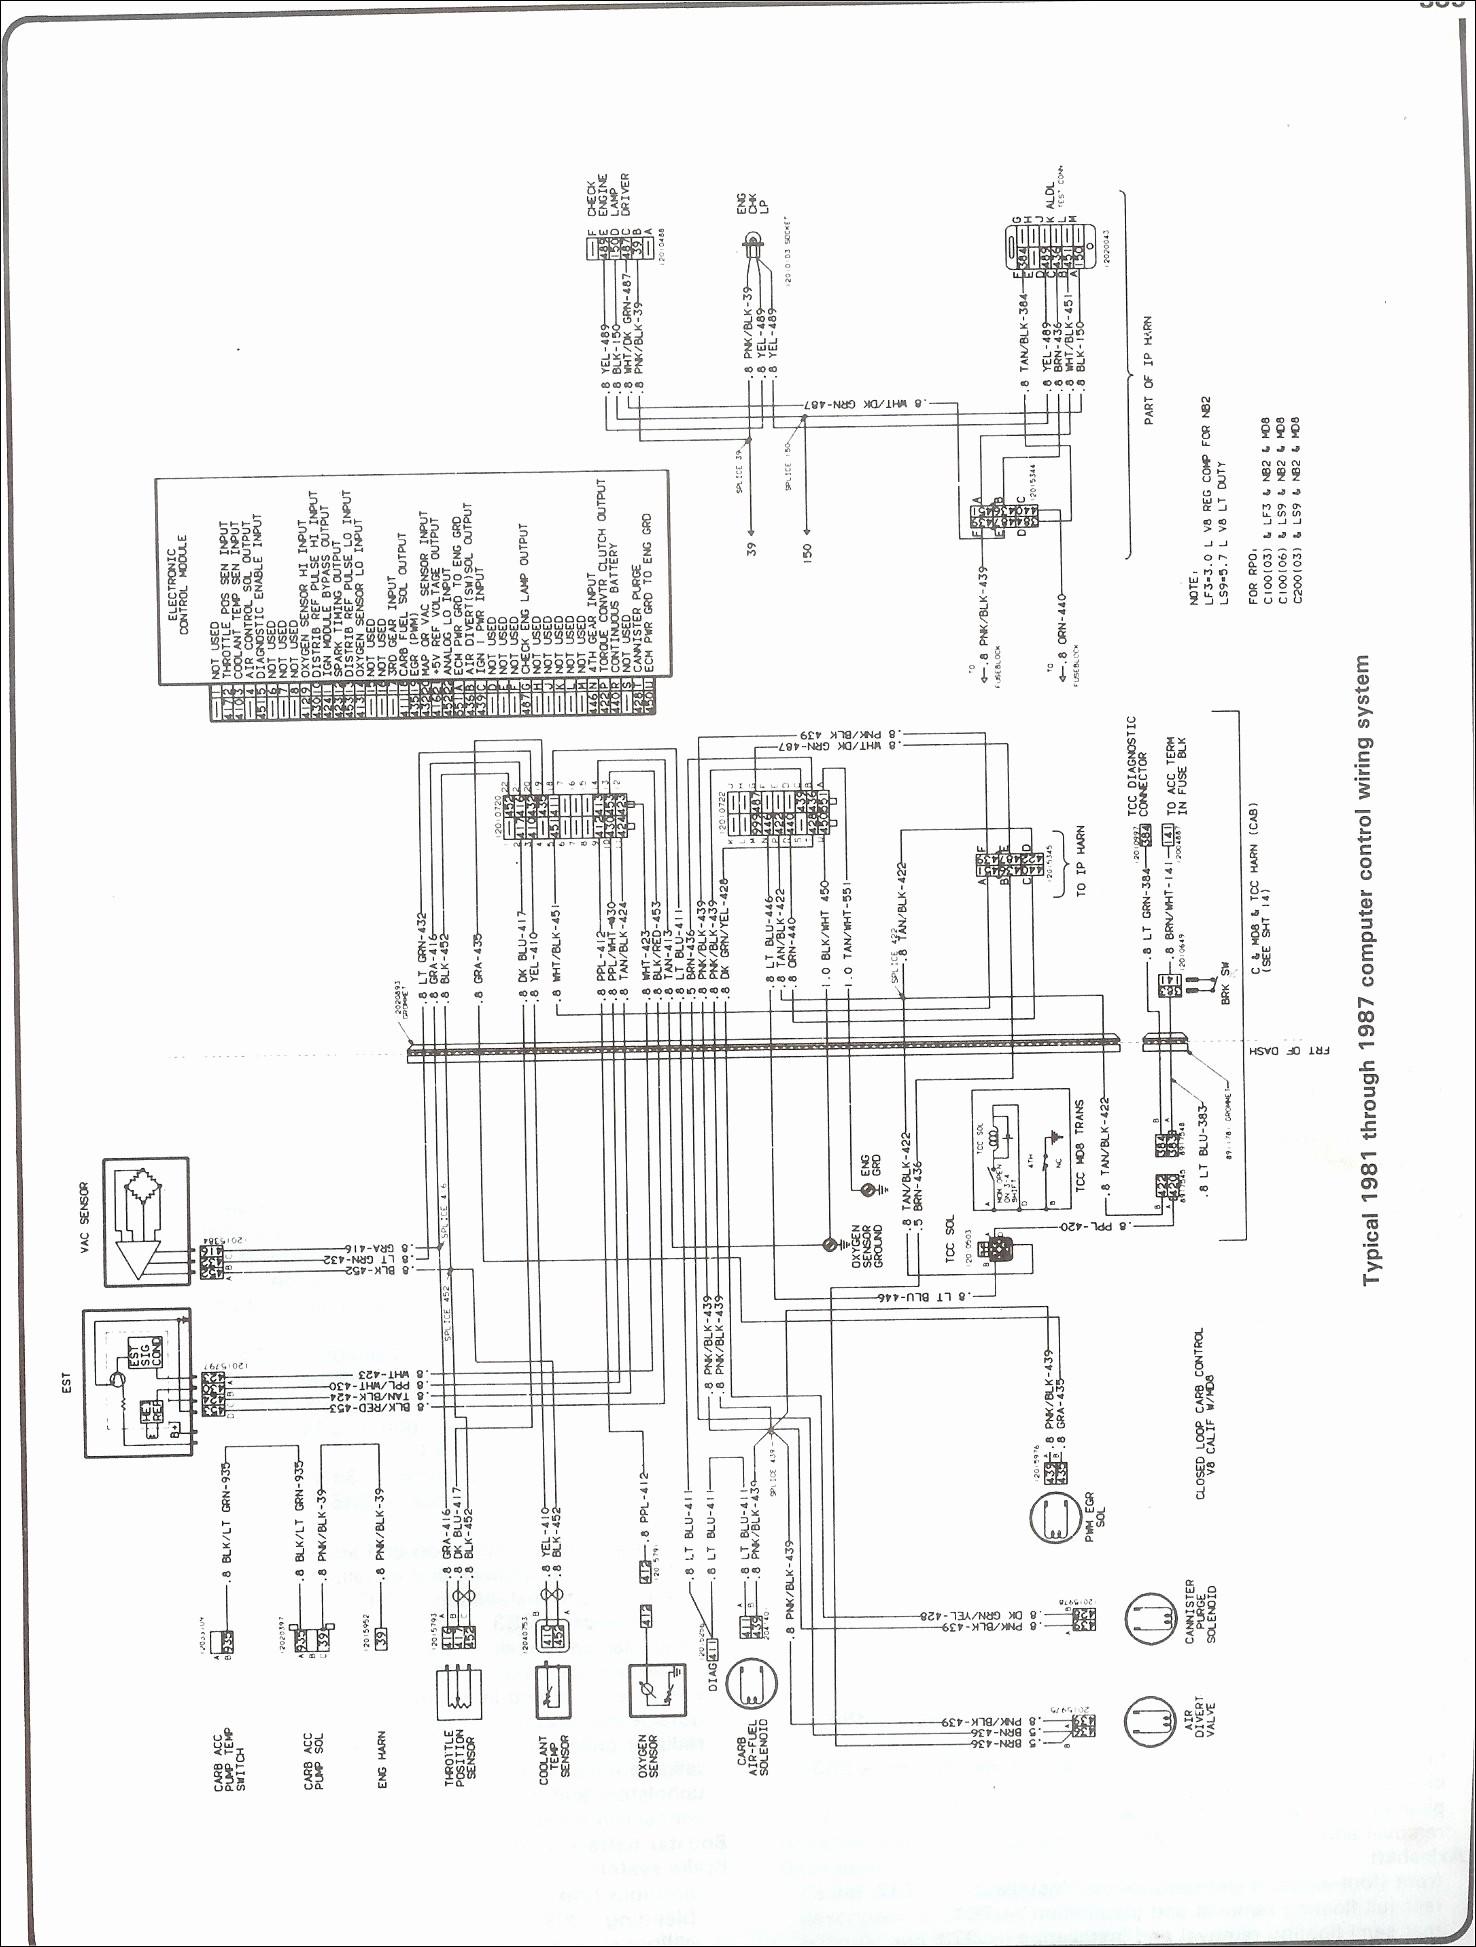 86 Chevy Wiring Diagram 1991 Chevy S10 Wiring Diagram Bedebis Waystar Fr